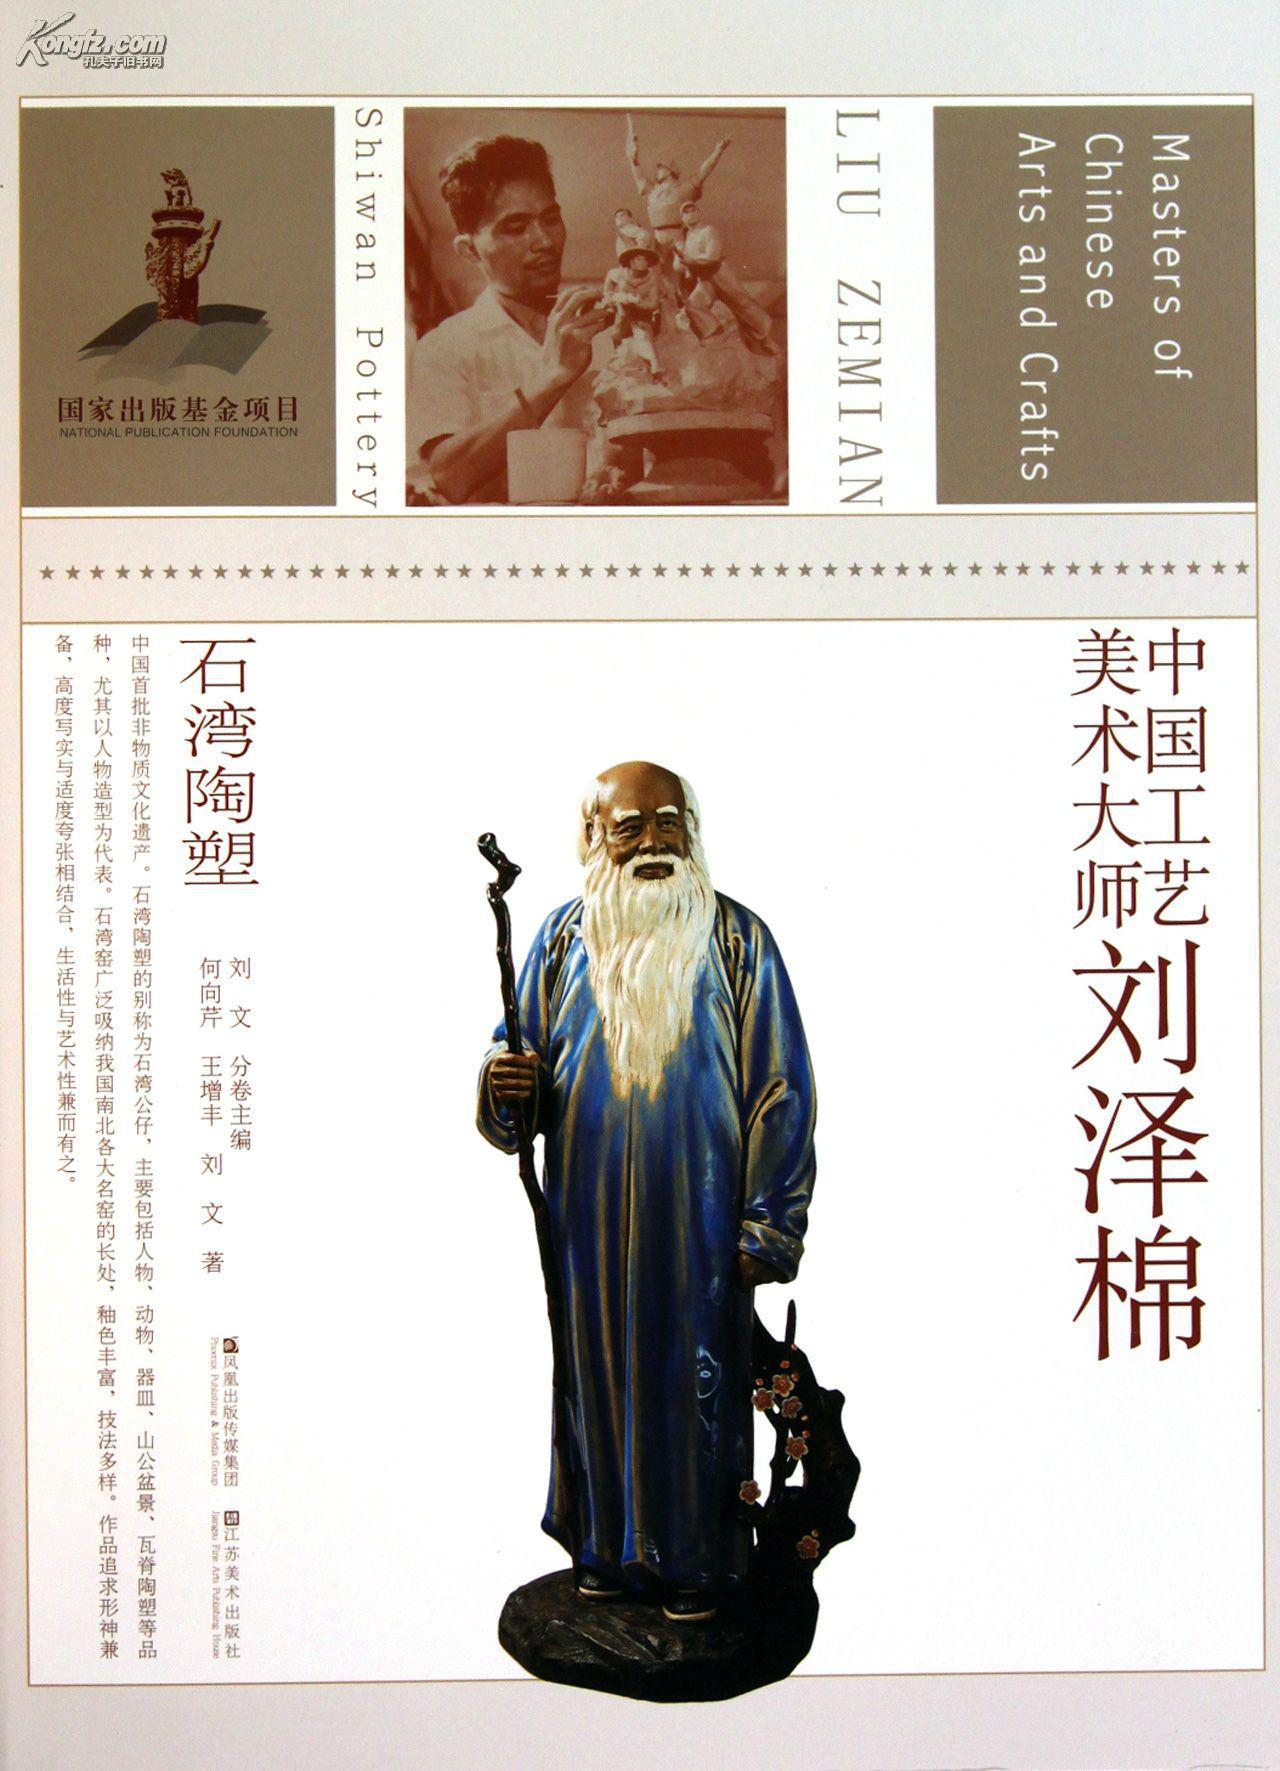 【图】中国工艺美术大师刘泽棉·石湾陶塑图片